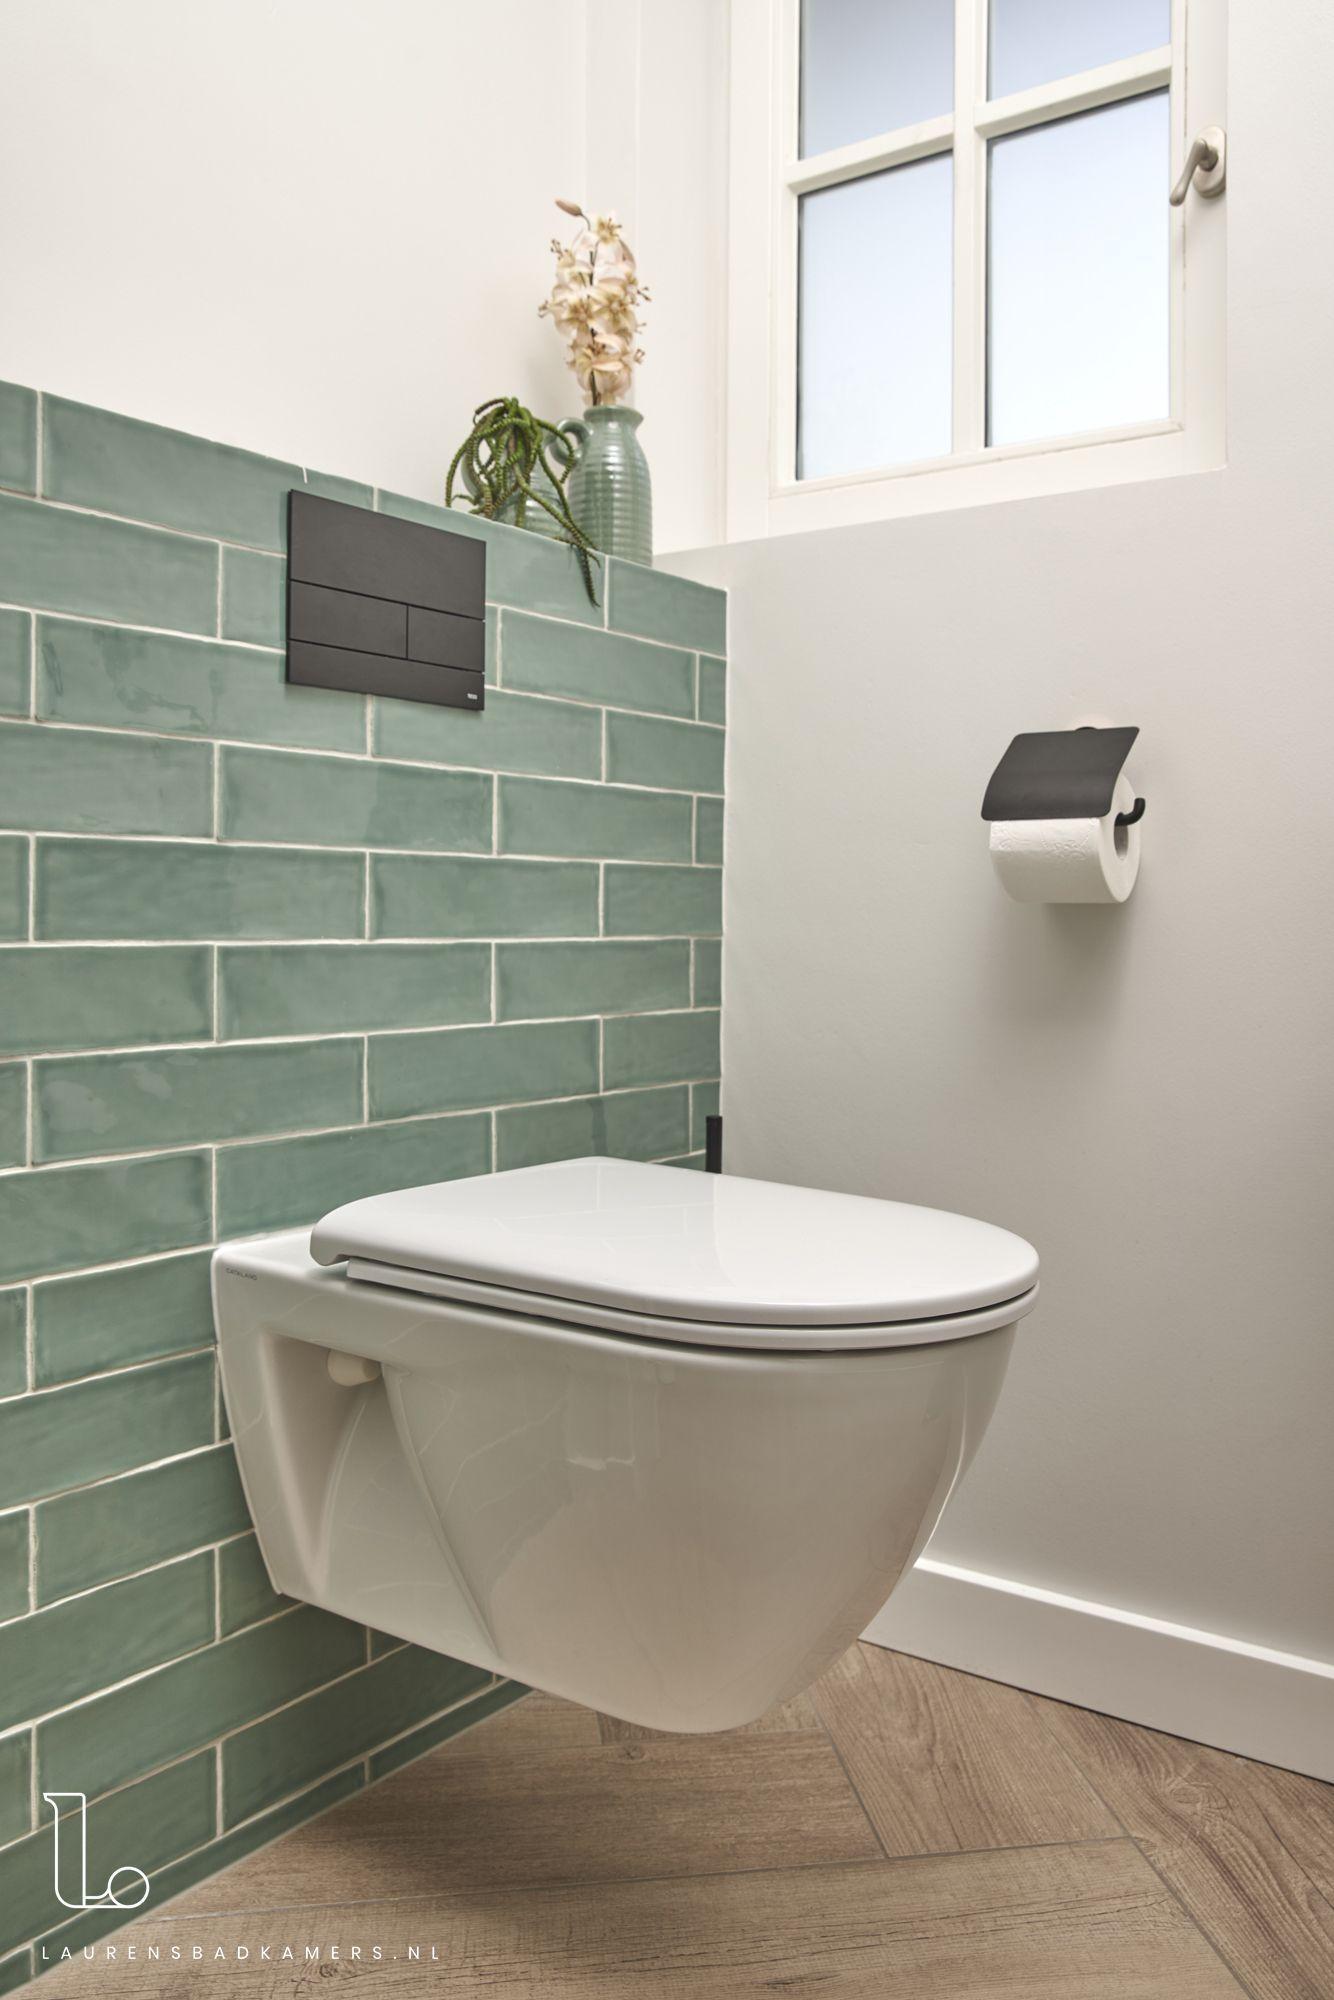 Retro design tiles - Laurens Badkamers - Welcome to Blog